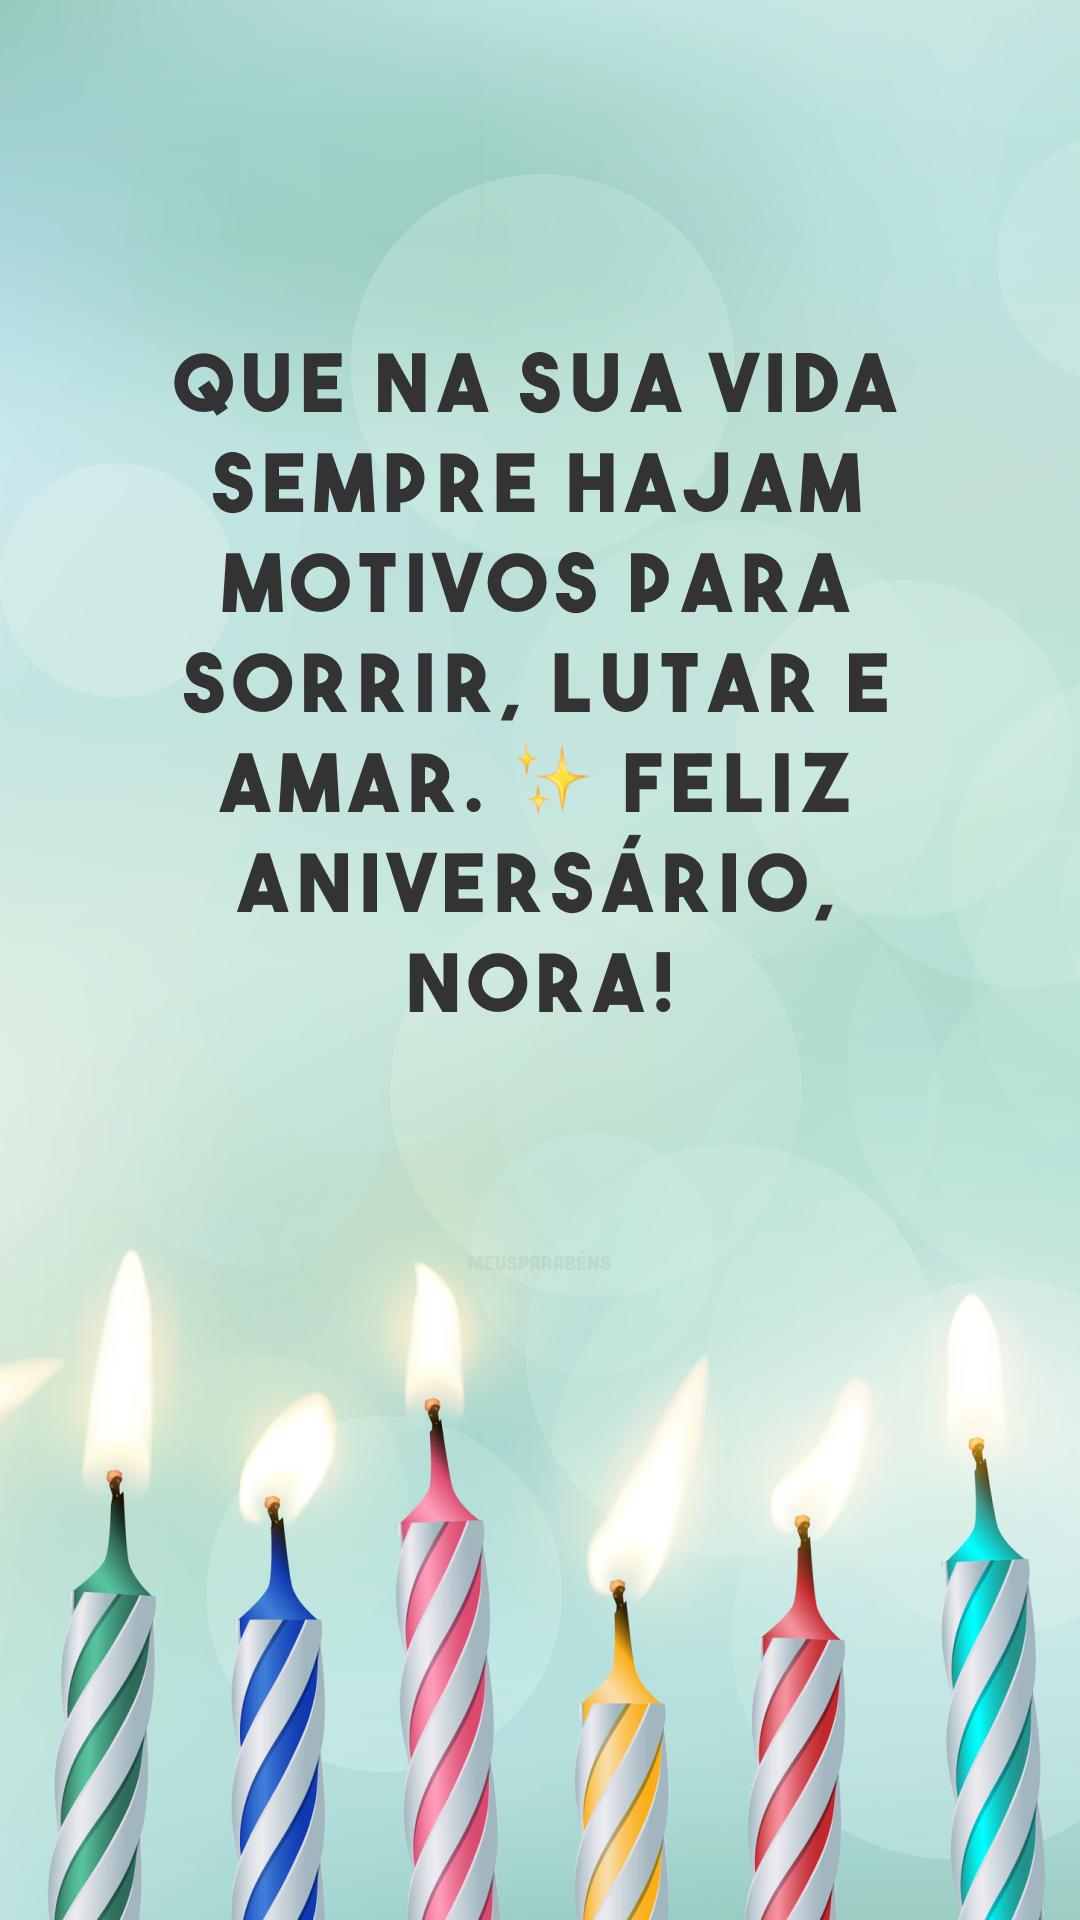 Que na sua vida sempre hajam motivos para sorrir, lutar e amar. ✨ Feliz aniversário, nora!